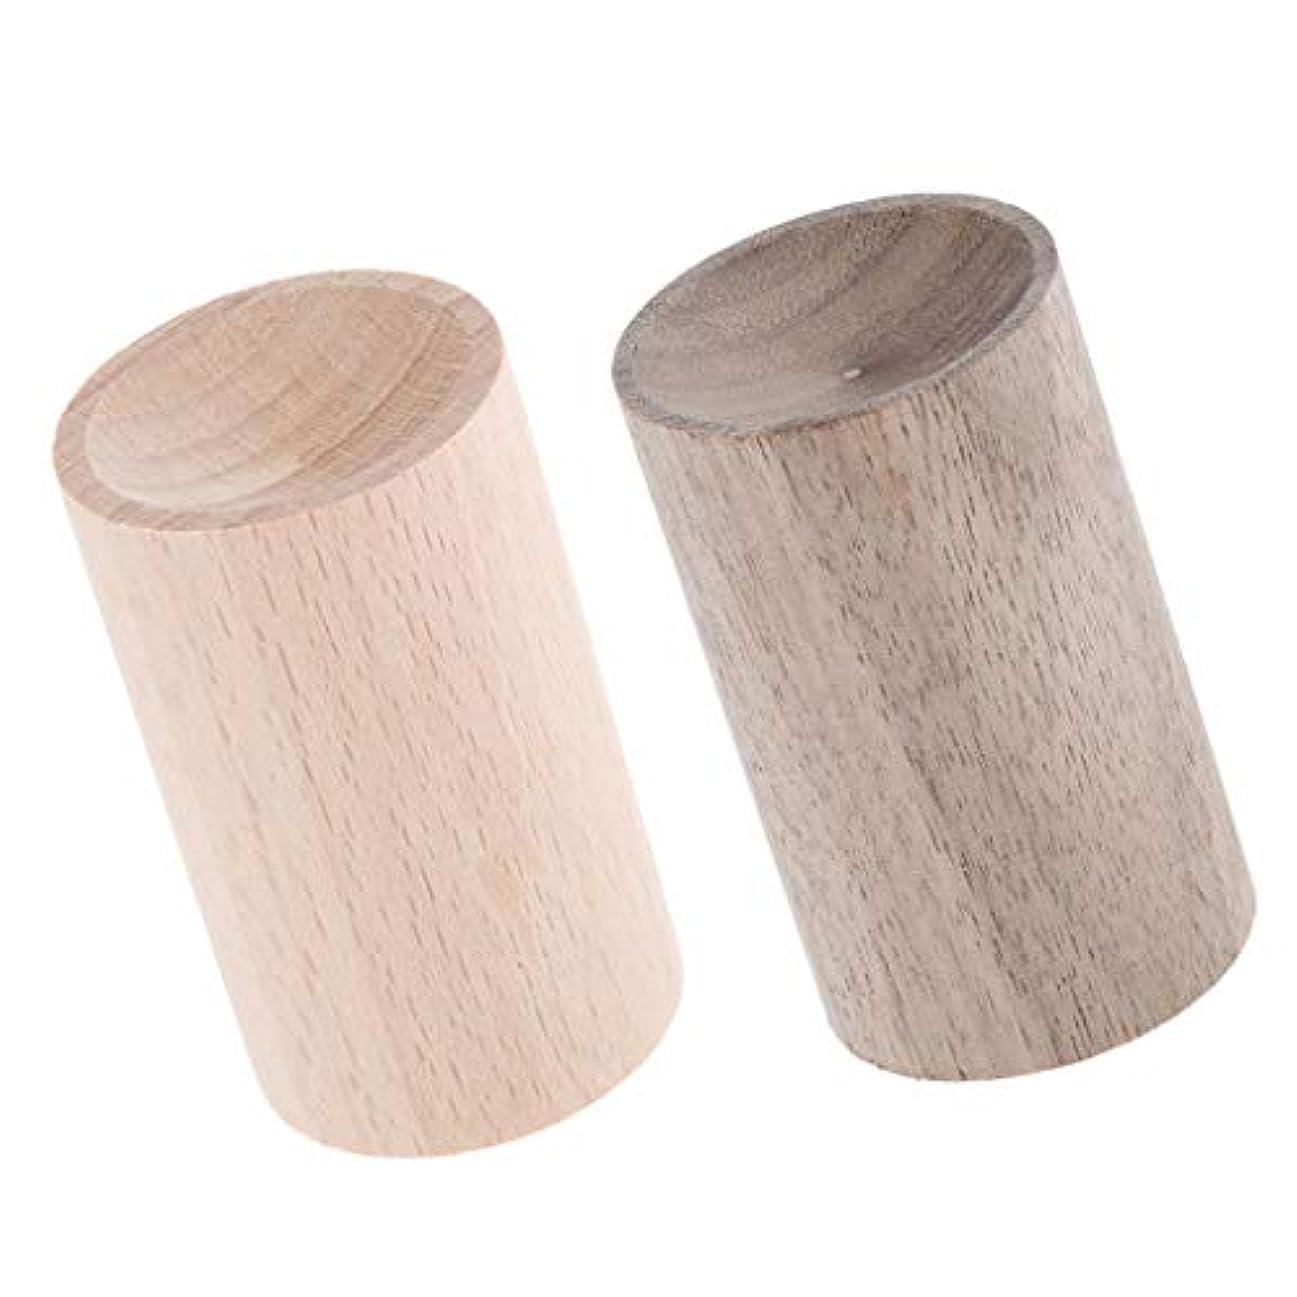 胃短くする言語FLAMEER エッセンシャルオイルディフューザー 天然木 手作り ホーム オフィス 旅行 車用 2ピース